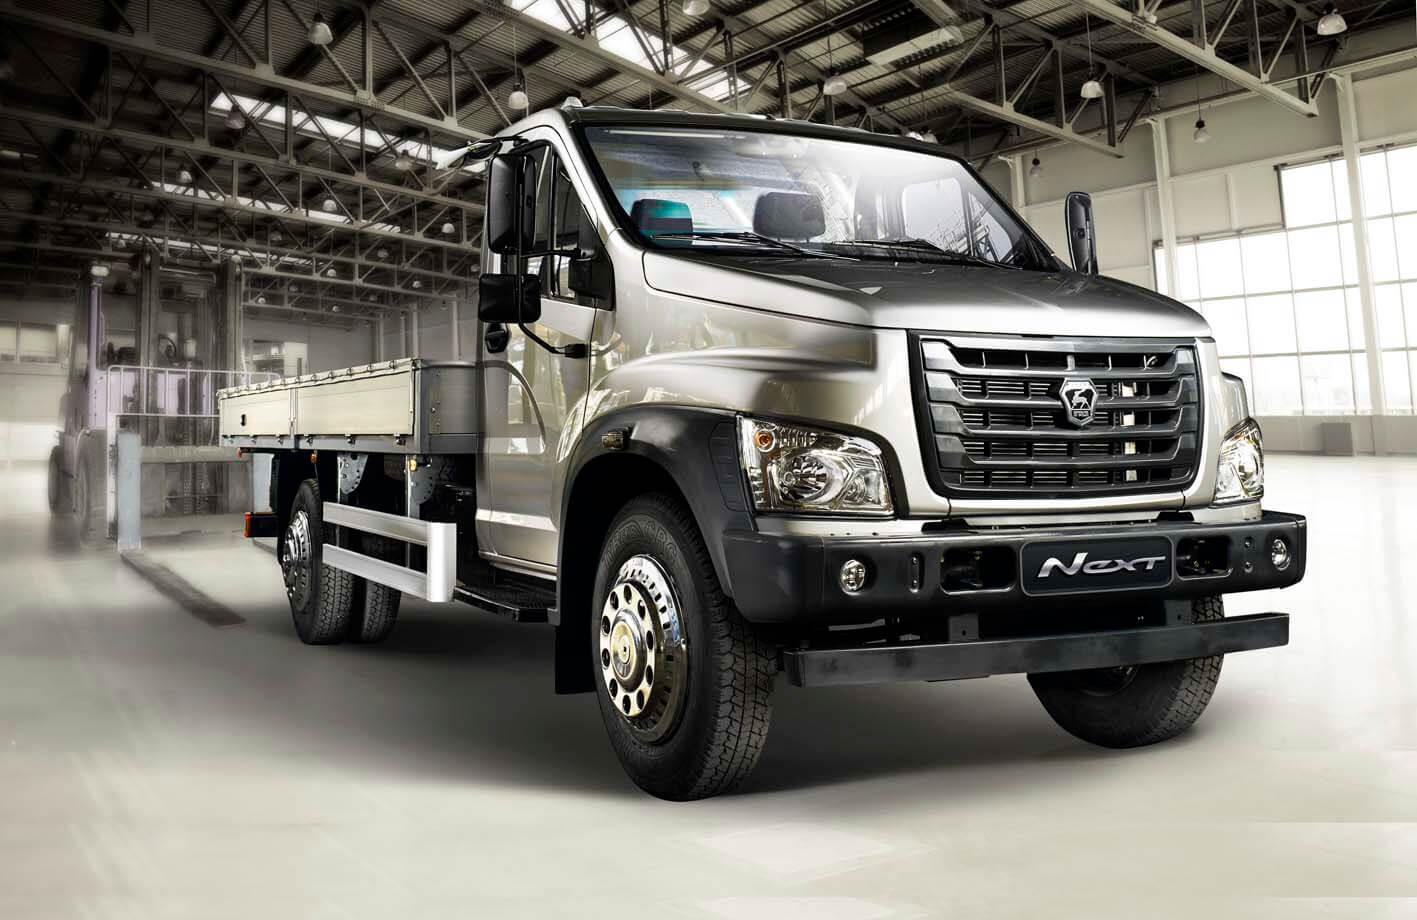 Какой грузовик лучше купить для работы? (5000)